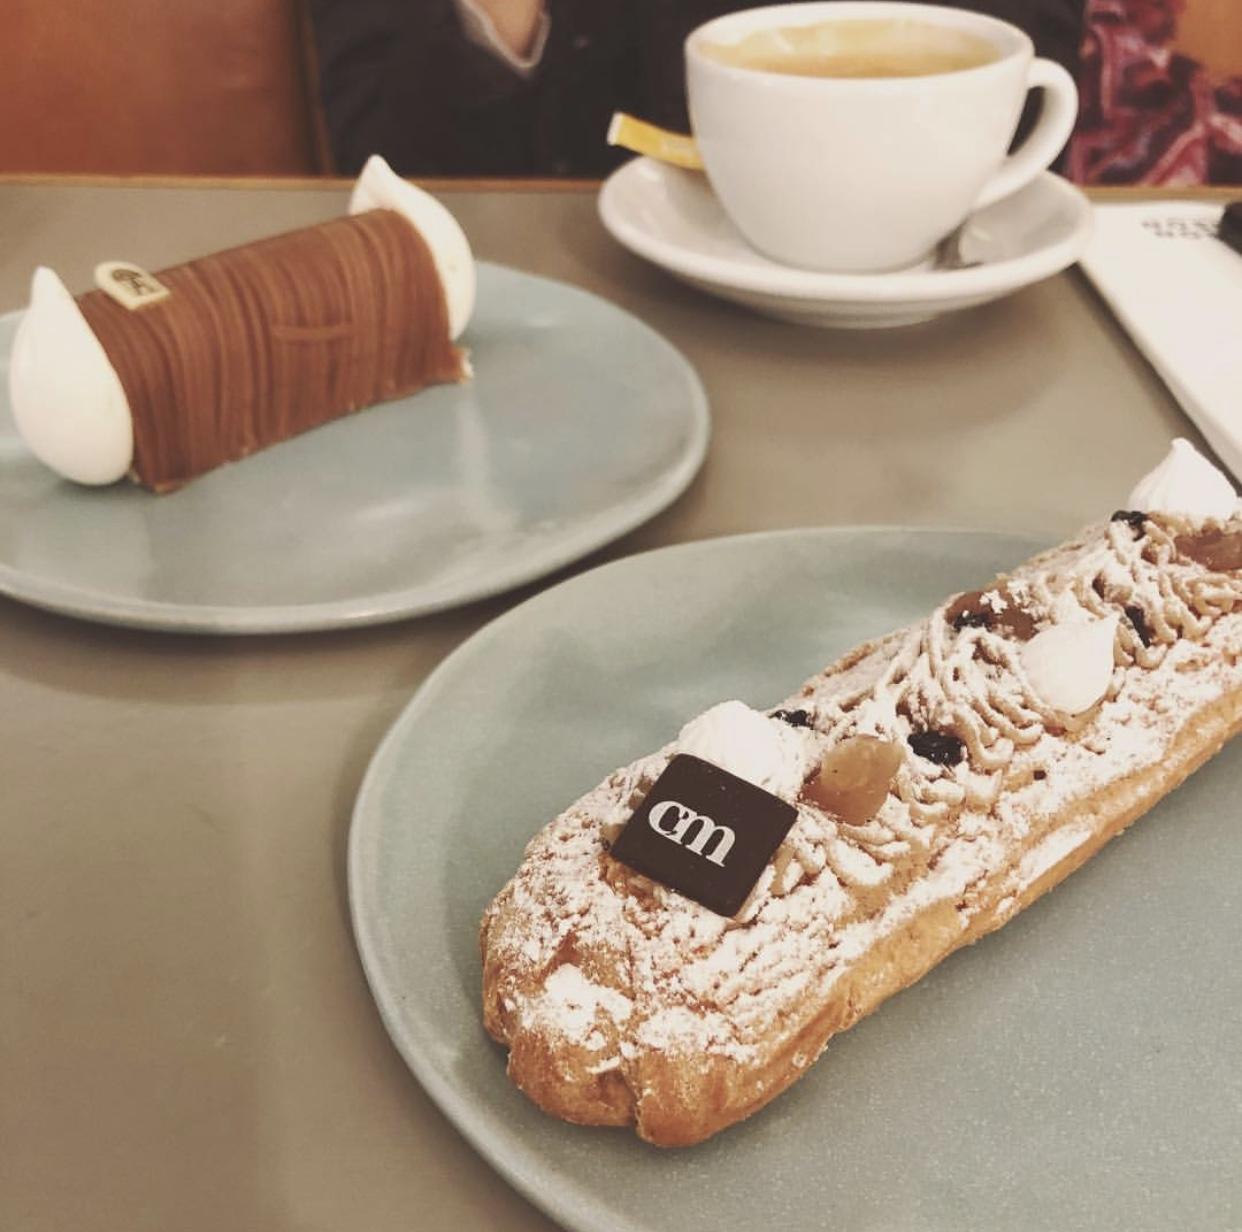 絶品、パリ発祥のモンブラン食べ歩き